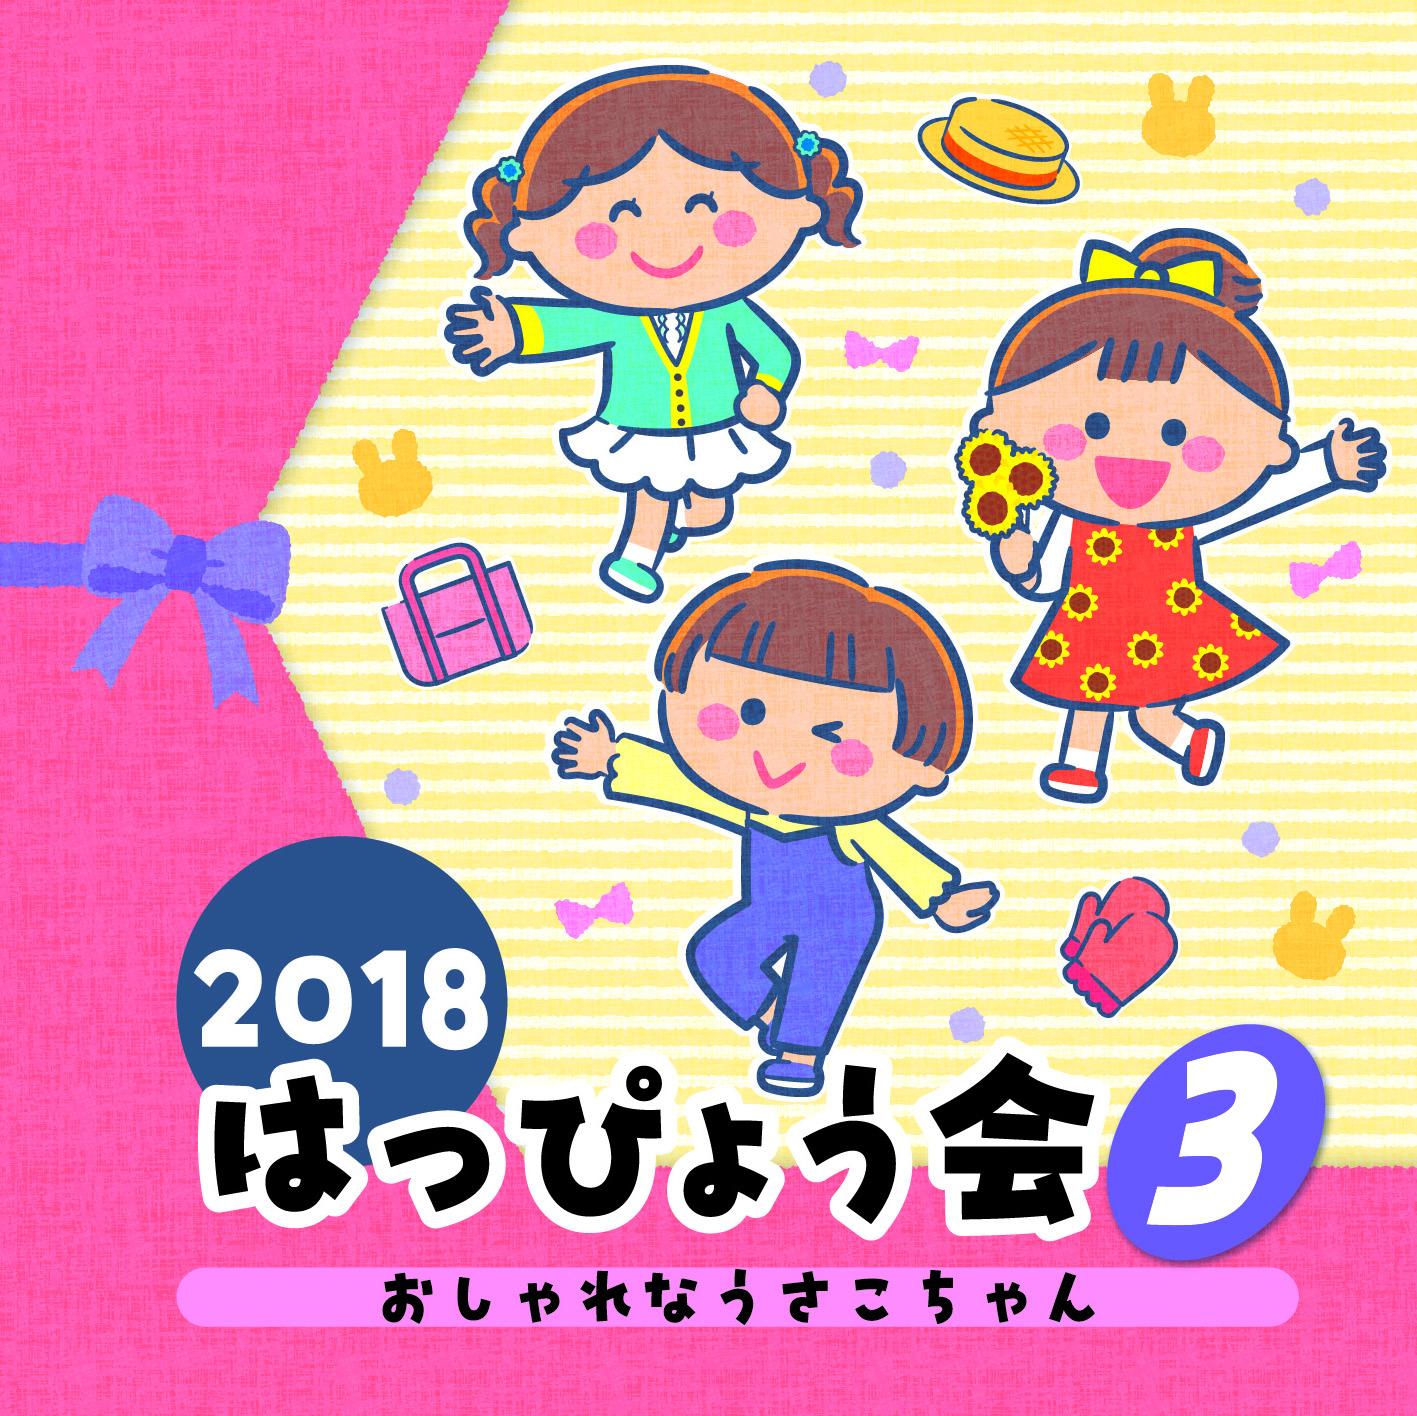 2018 はっぴょう会 (3) おしゃれなうさこちゃん